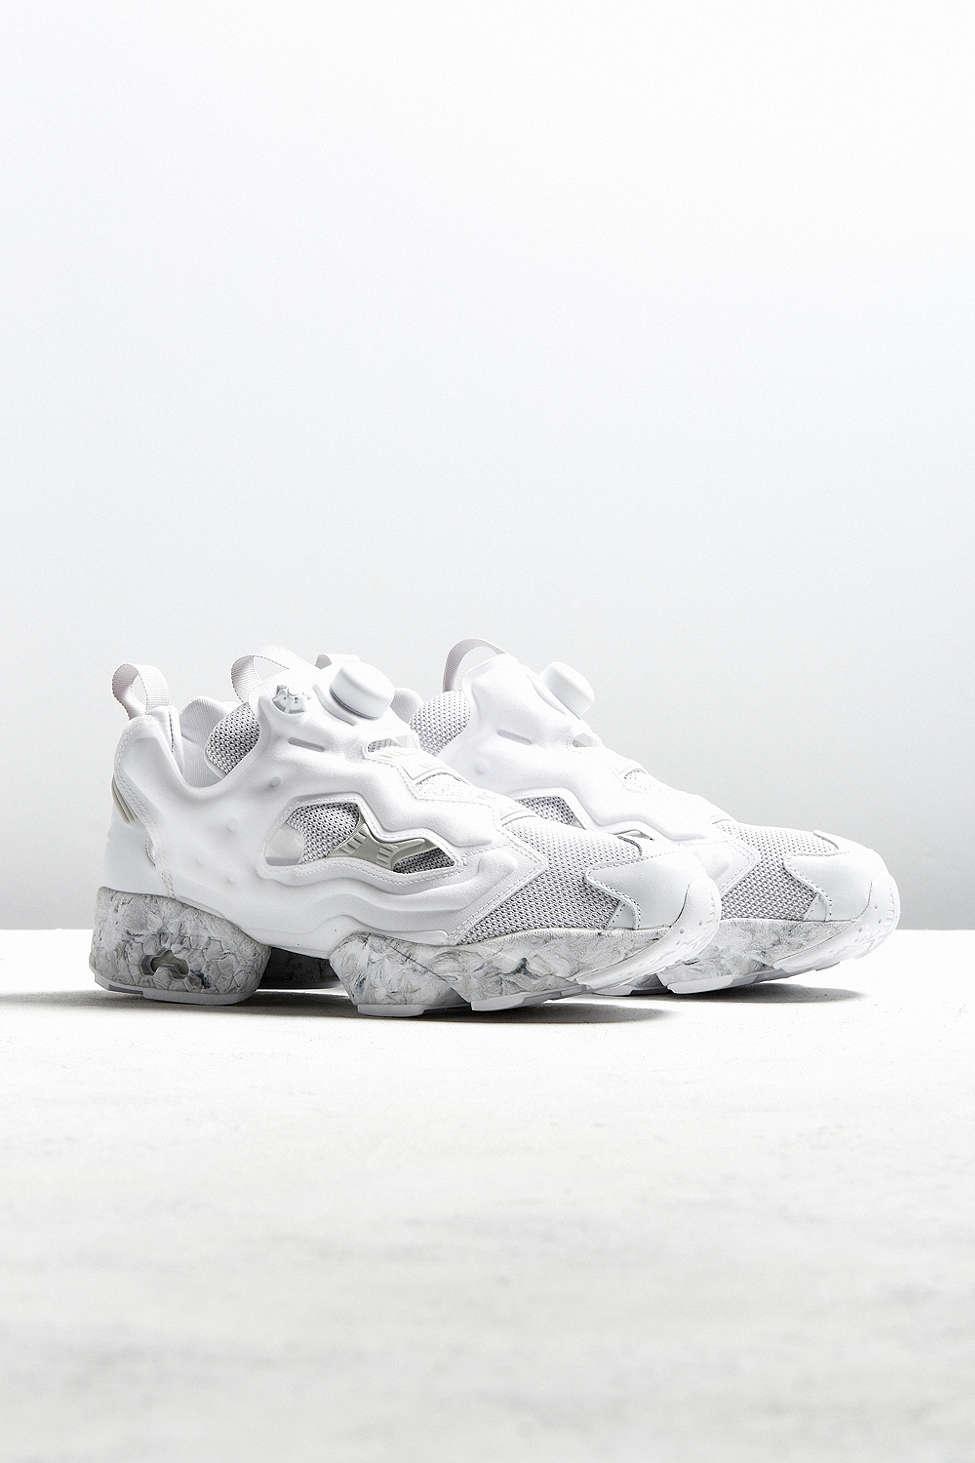 Lyst - Reebok Instapump Fury Achm Sneaker in White for Men 3b356b19c